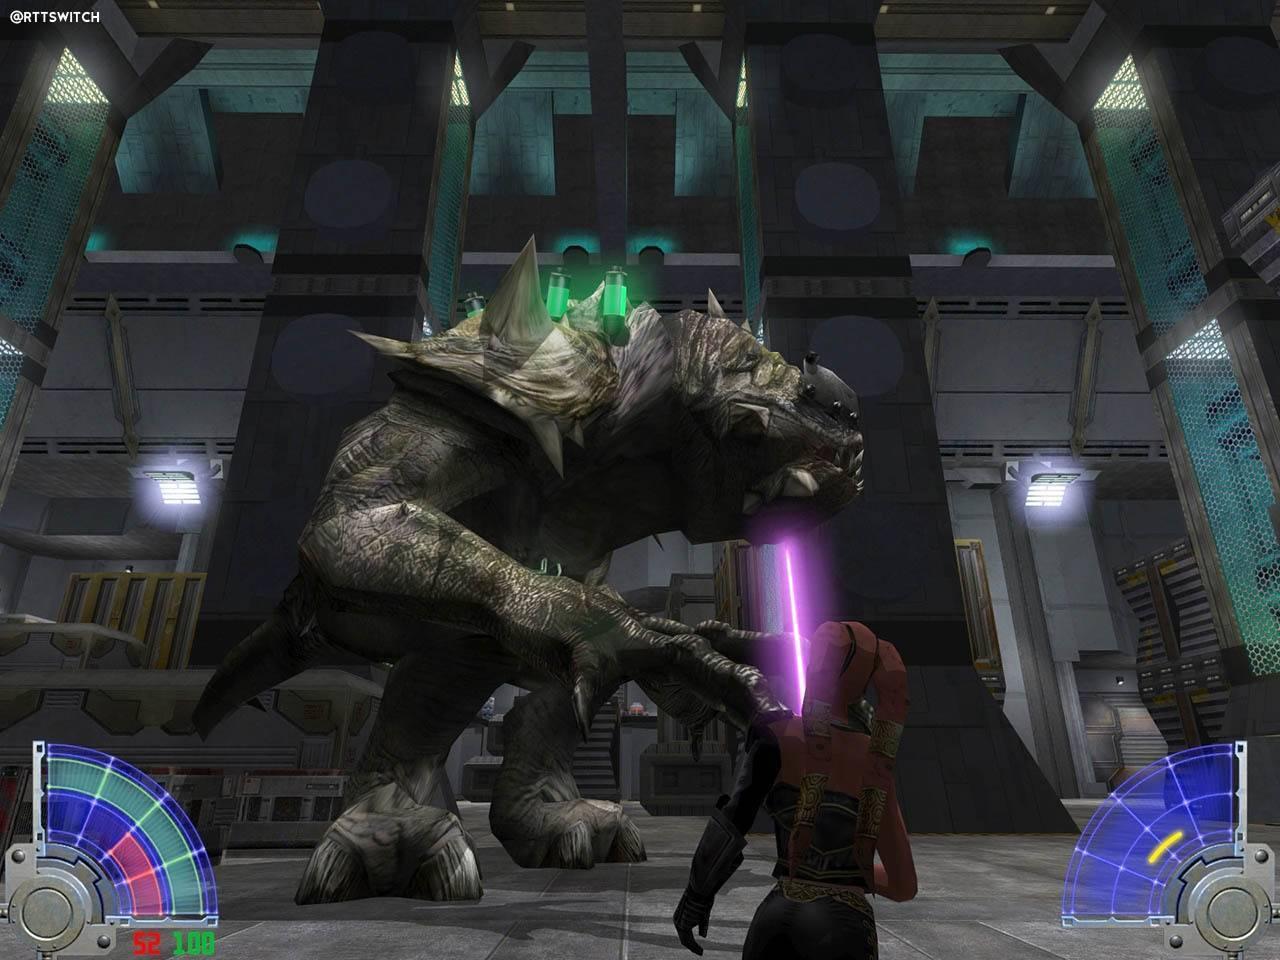 《星球大战绝地武士》两款游戏将会来到SWITCH